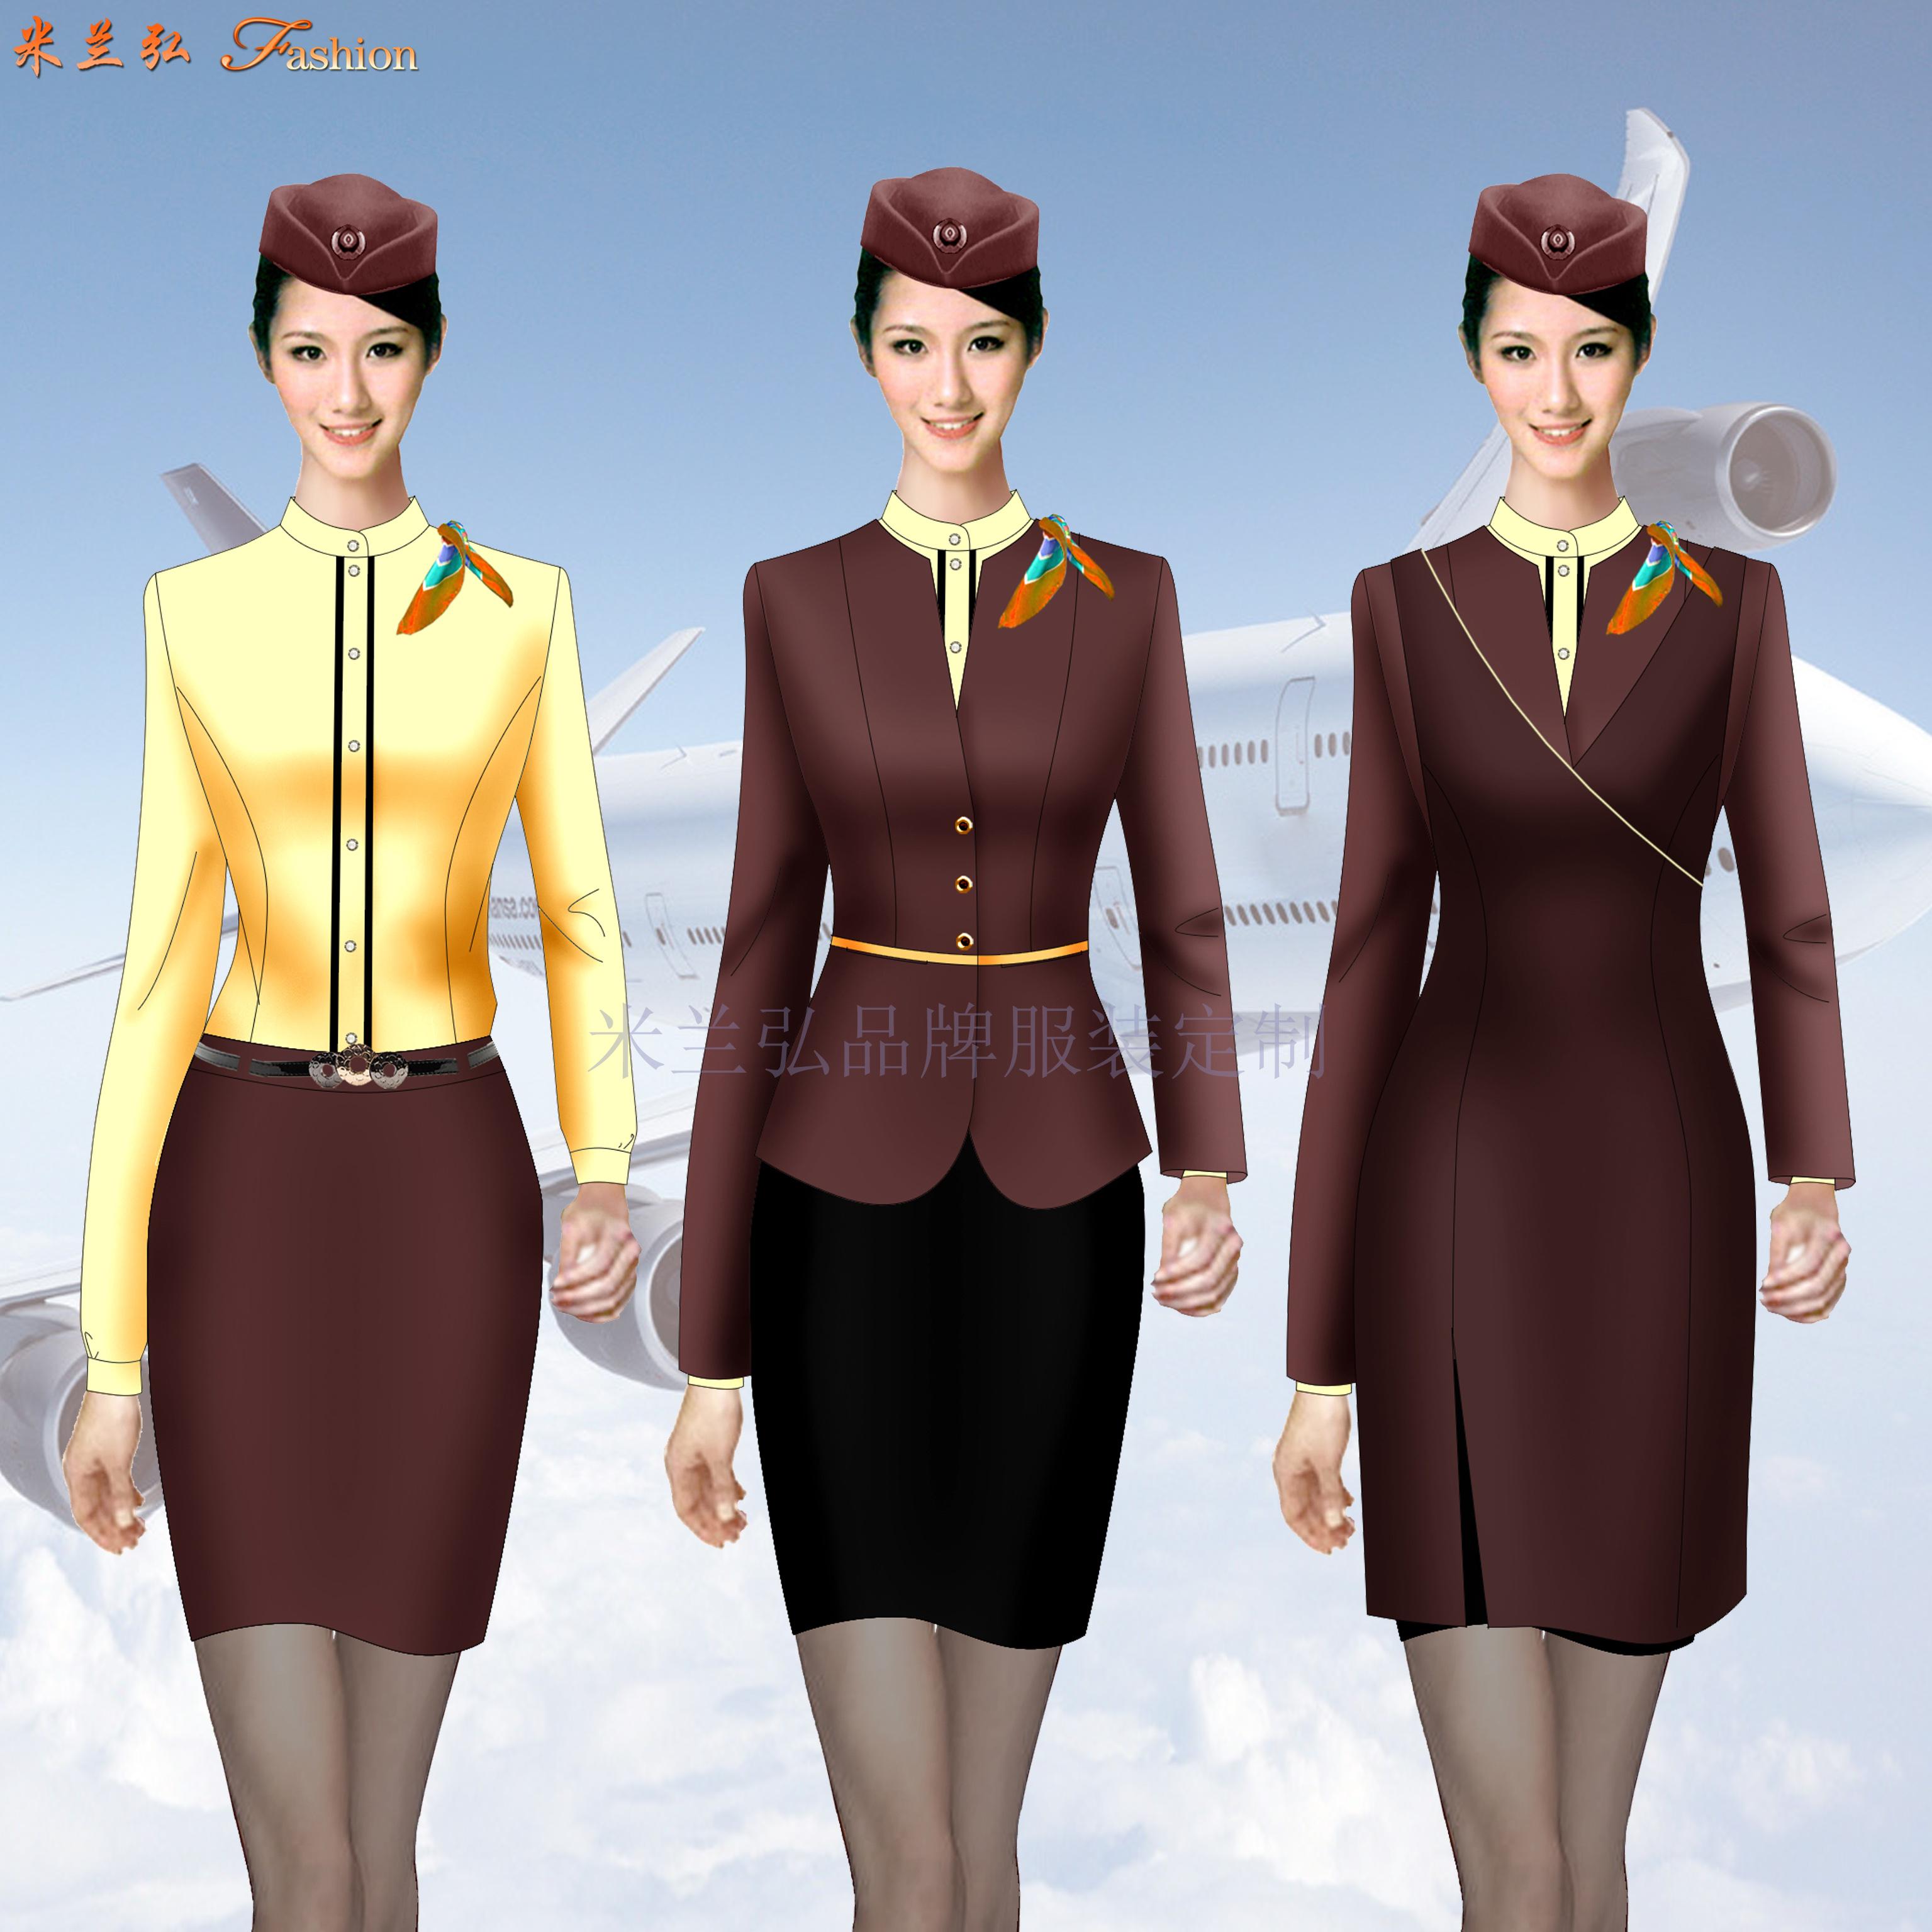 「遼寧空姐服定制」「沈陽空姐服定做」米蘭弘空姐服-5